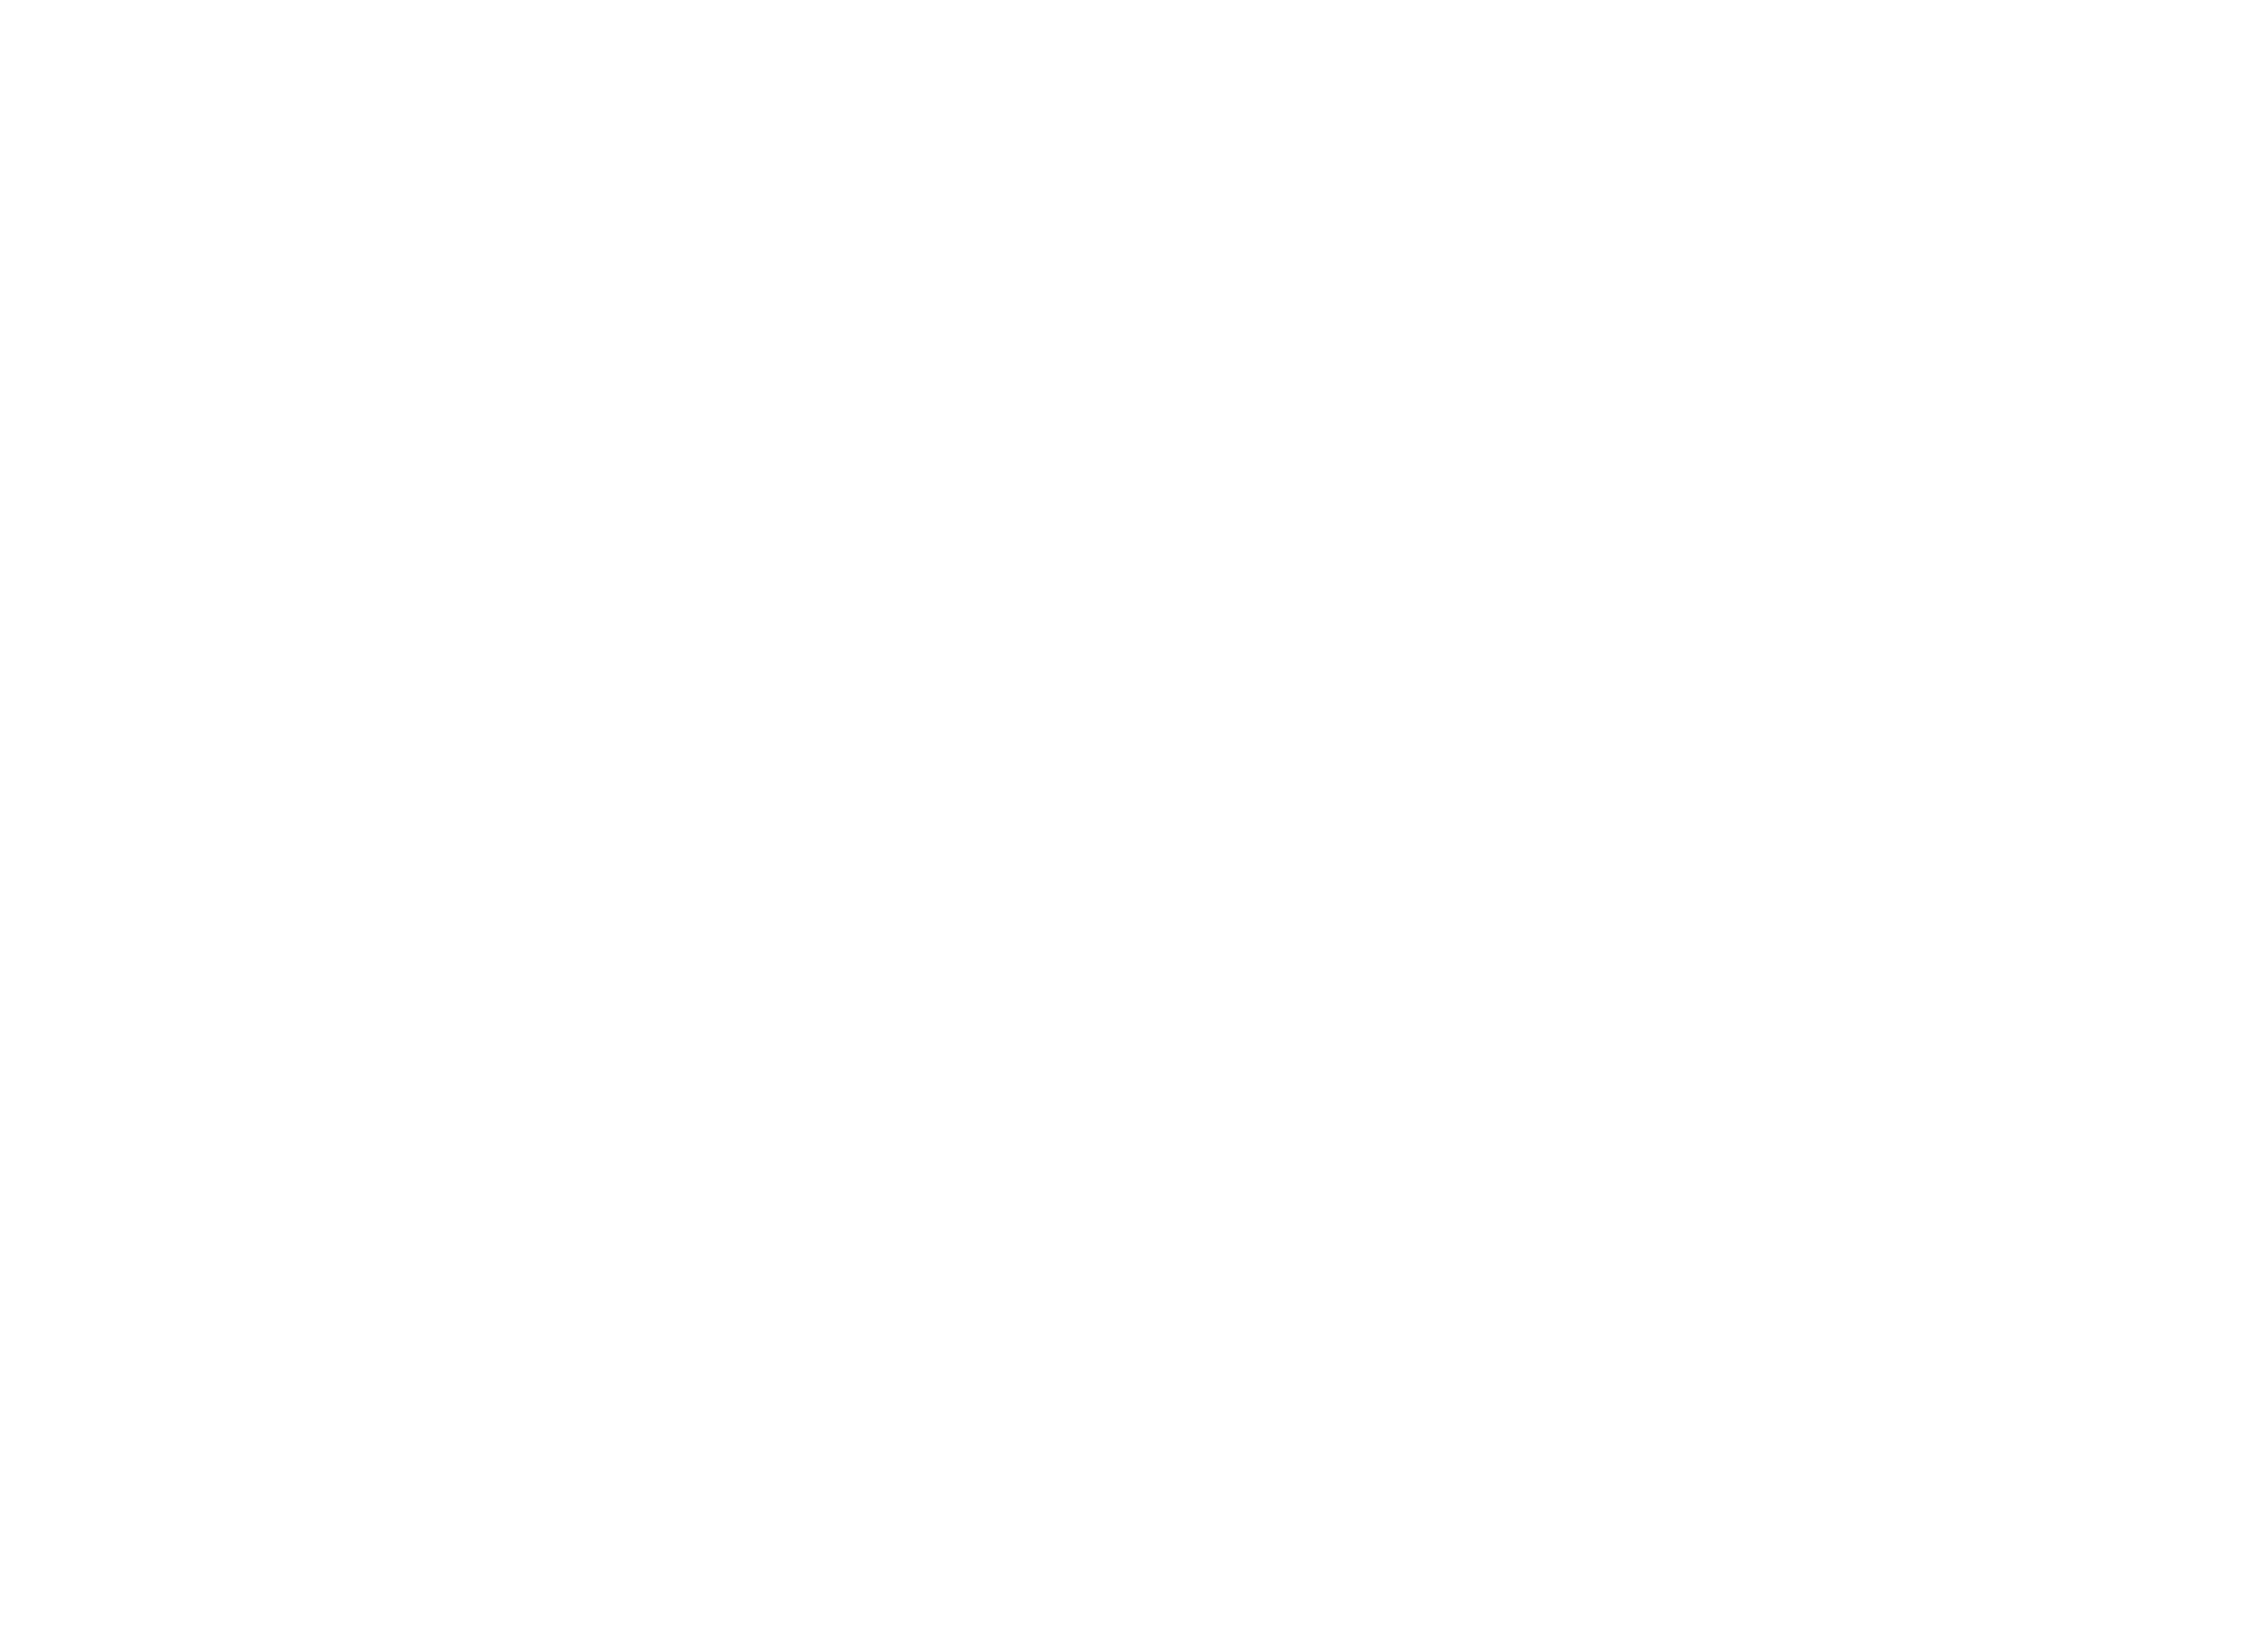 ZNS LANGENFELD